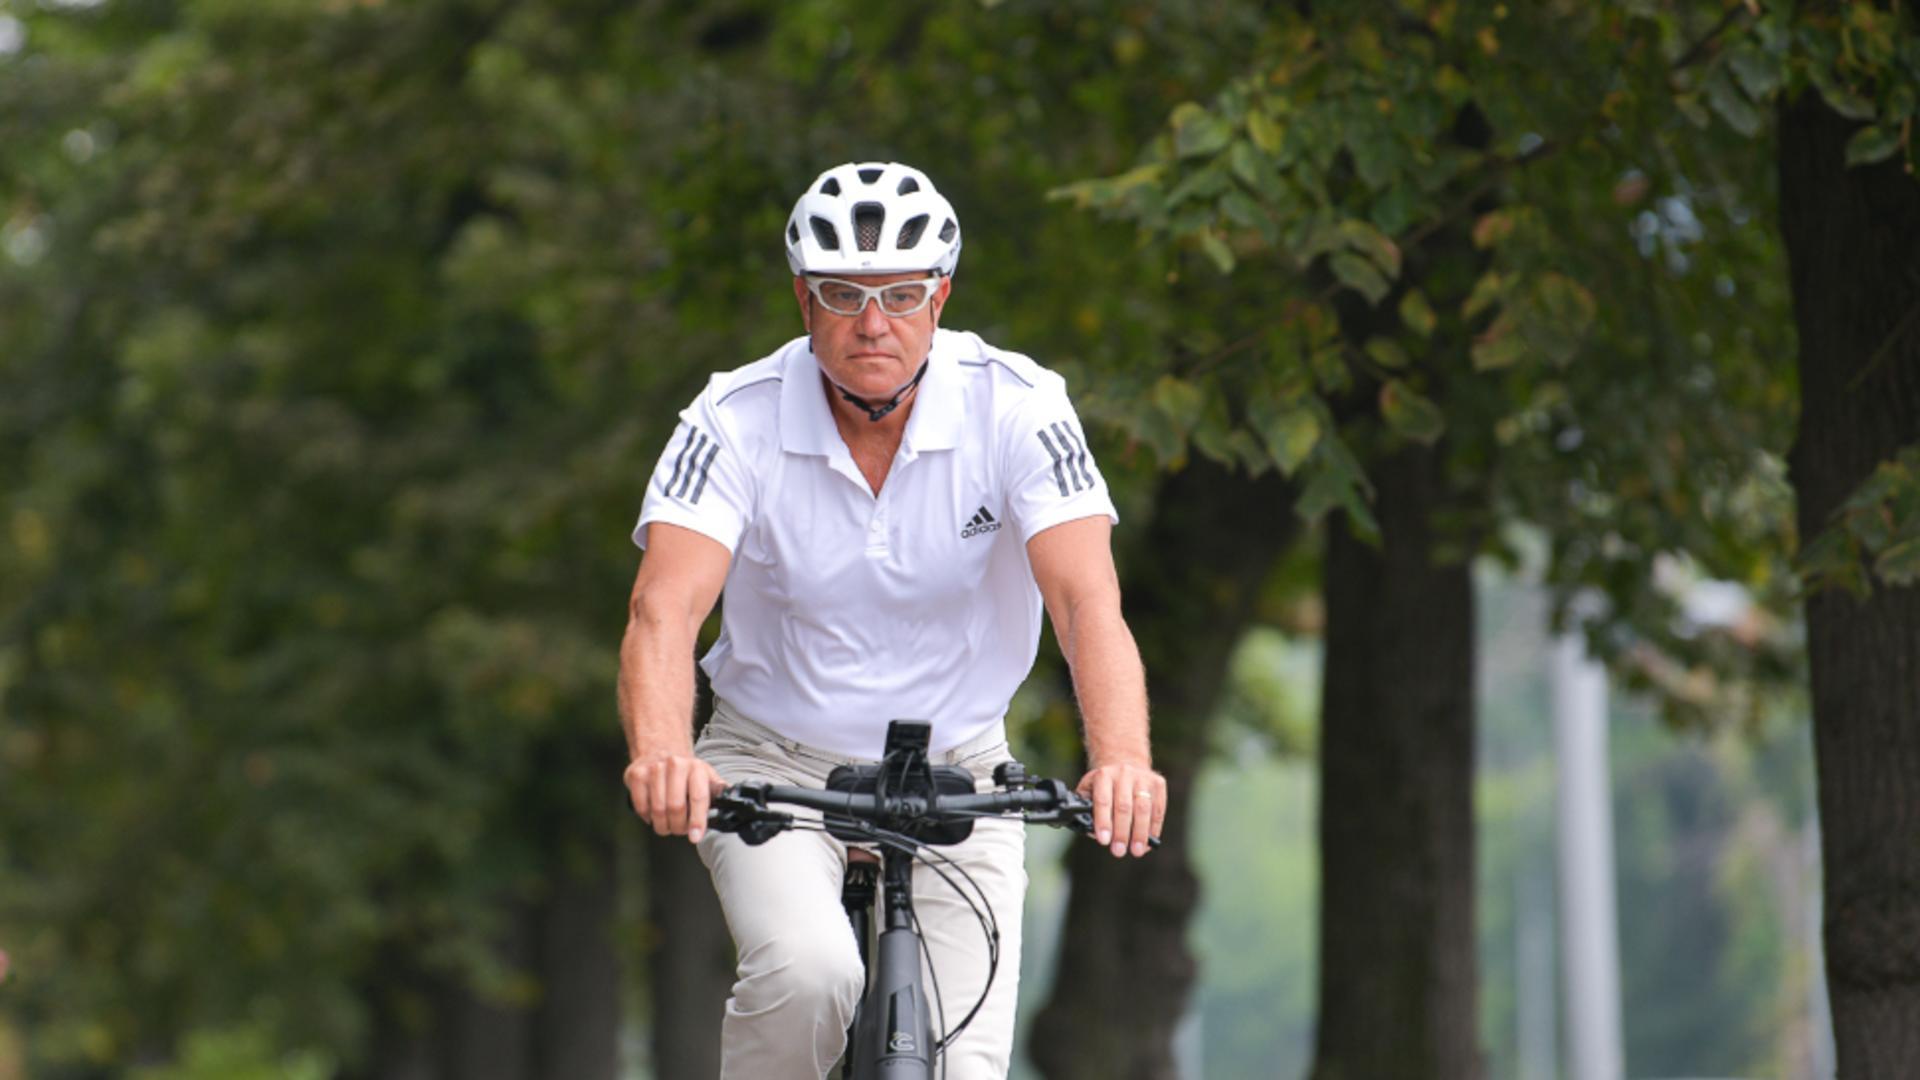 CÂT costă bicicleta cu care a mers Klaus Iohannis la Cotroceni - MESAJUL primit de președinte Foto: presidency.ro